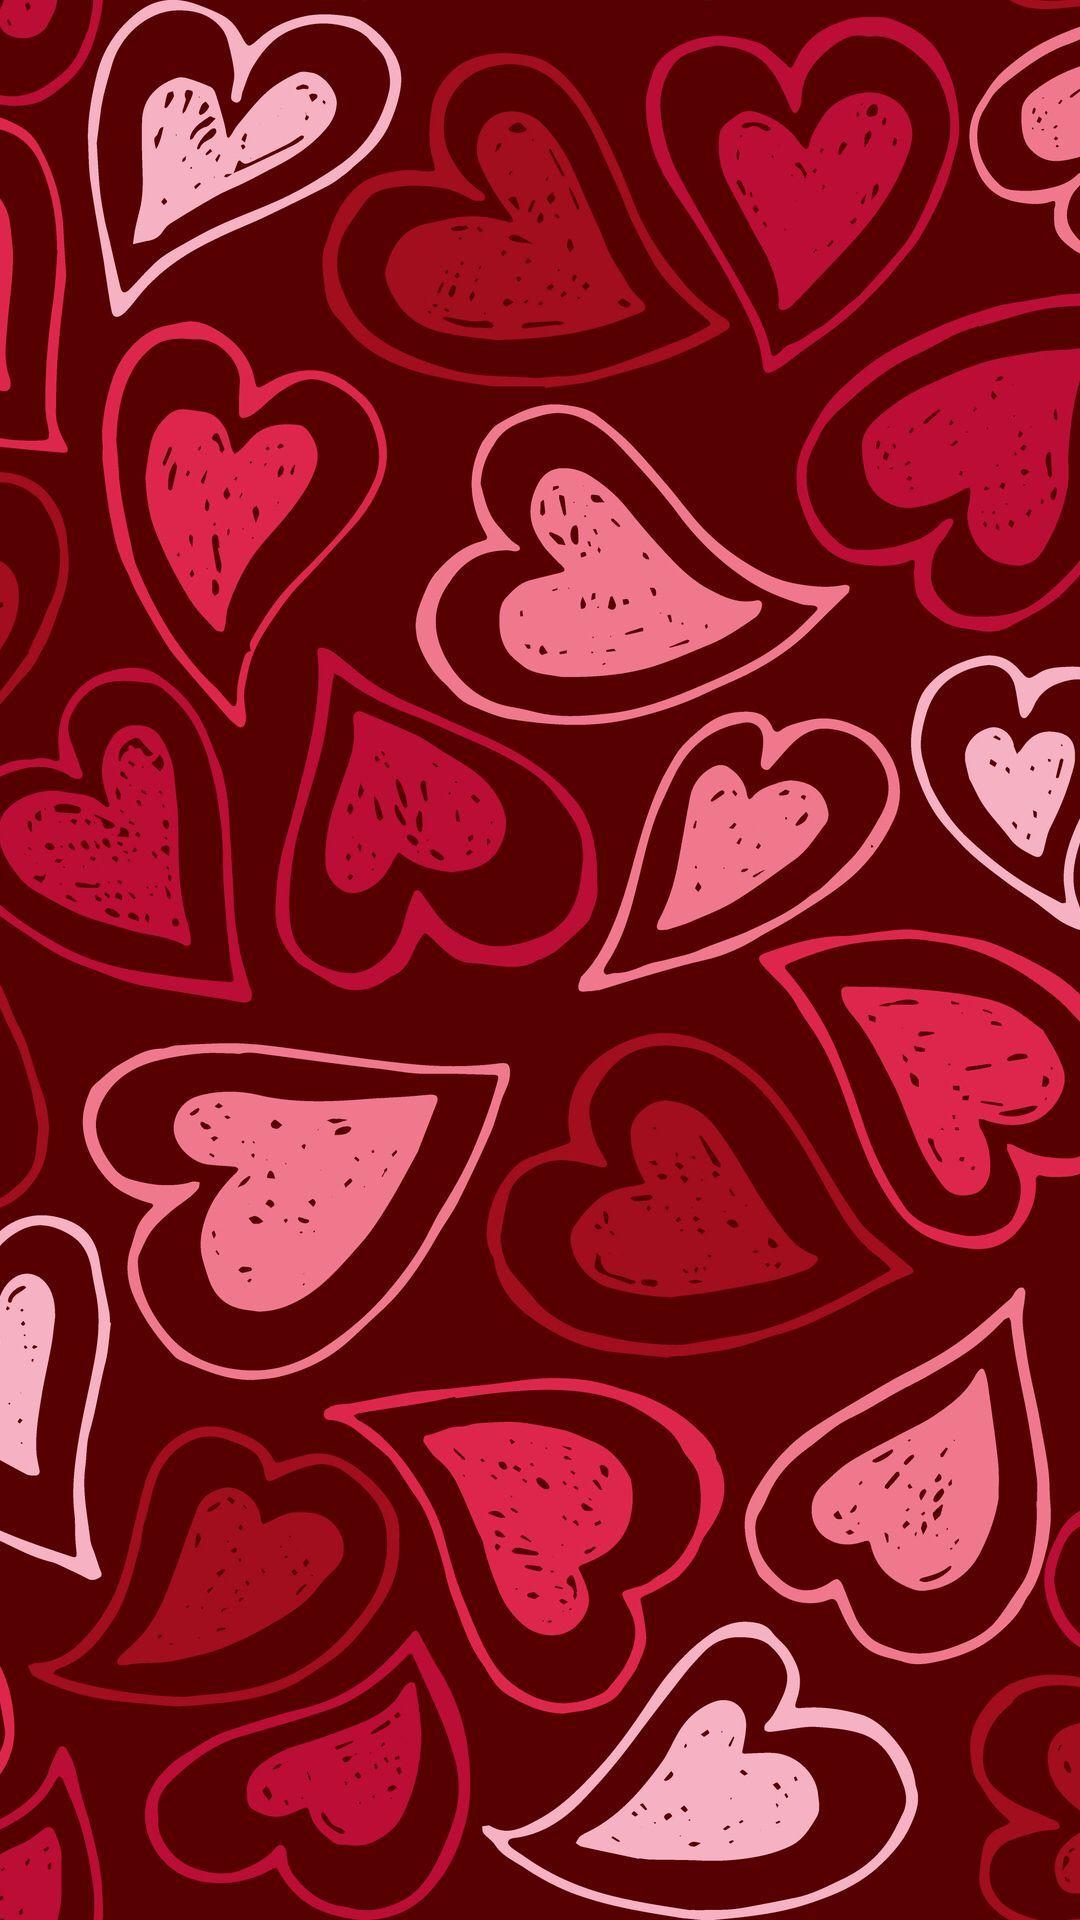 Cute Red Pattern Wallpaper Hd Love Wallpaper Backgrounds Abstract Iphone Wallpaper Pattern Wallpaper